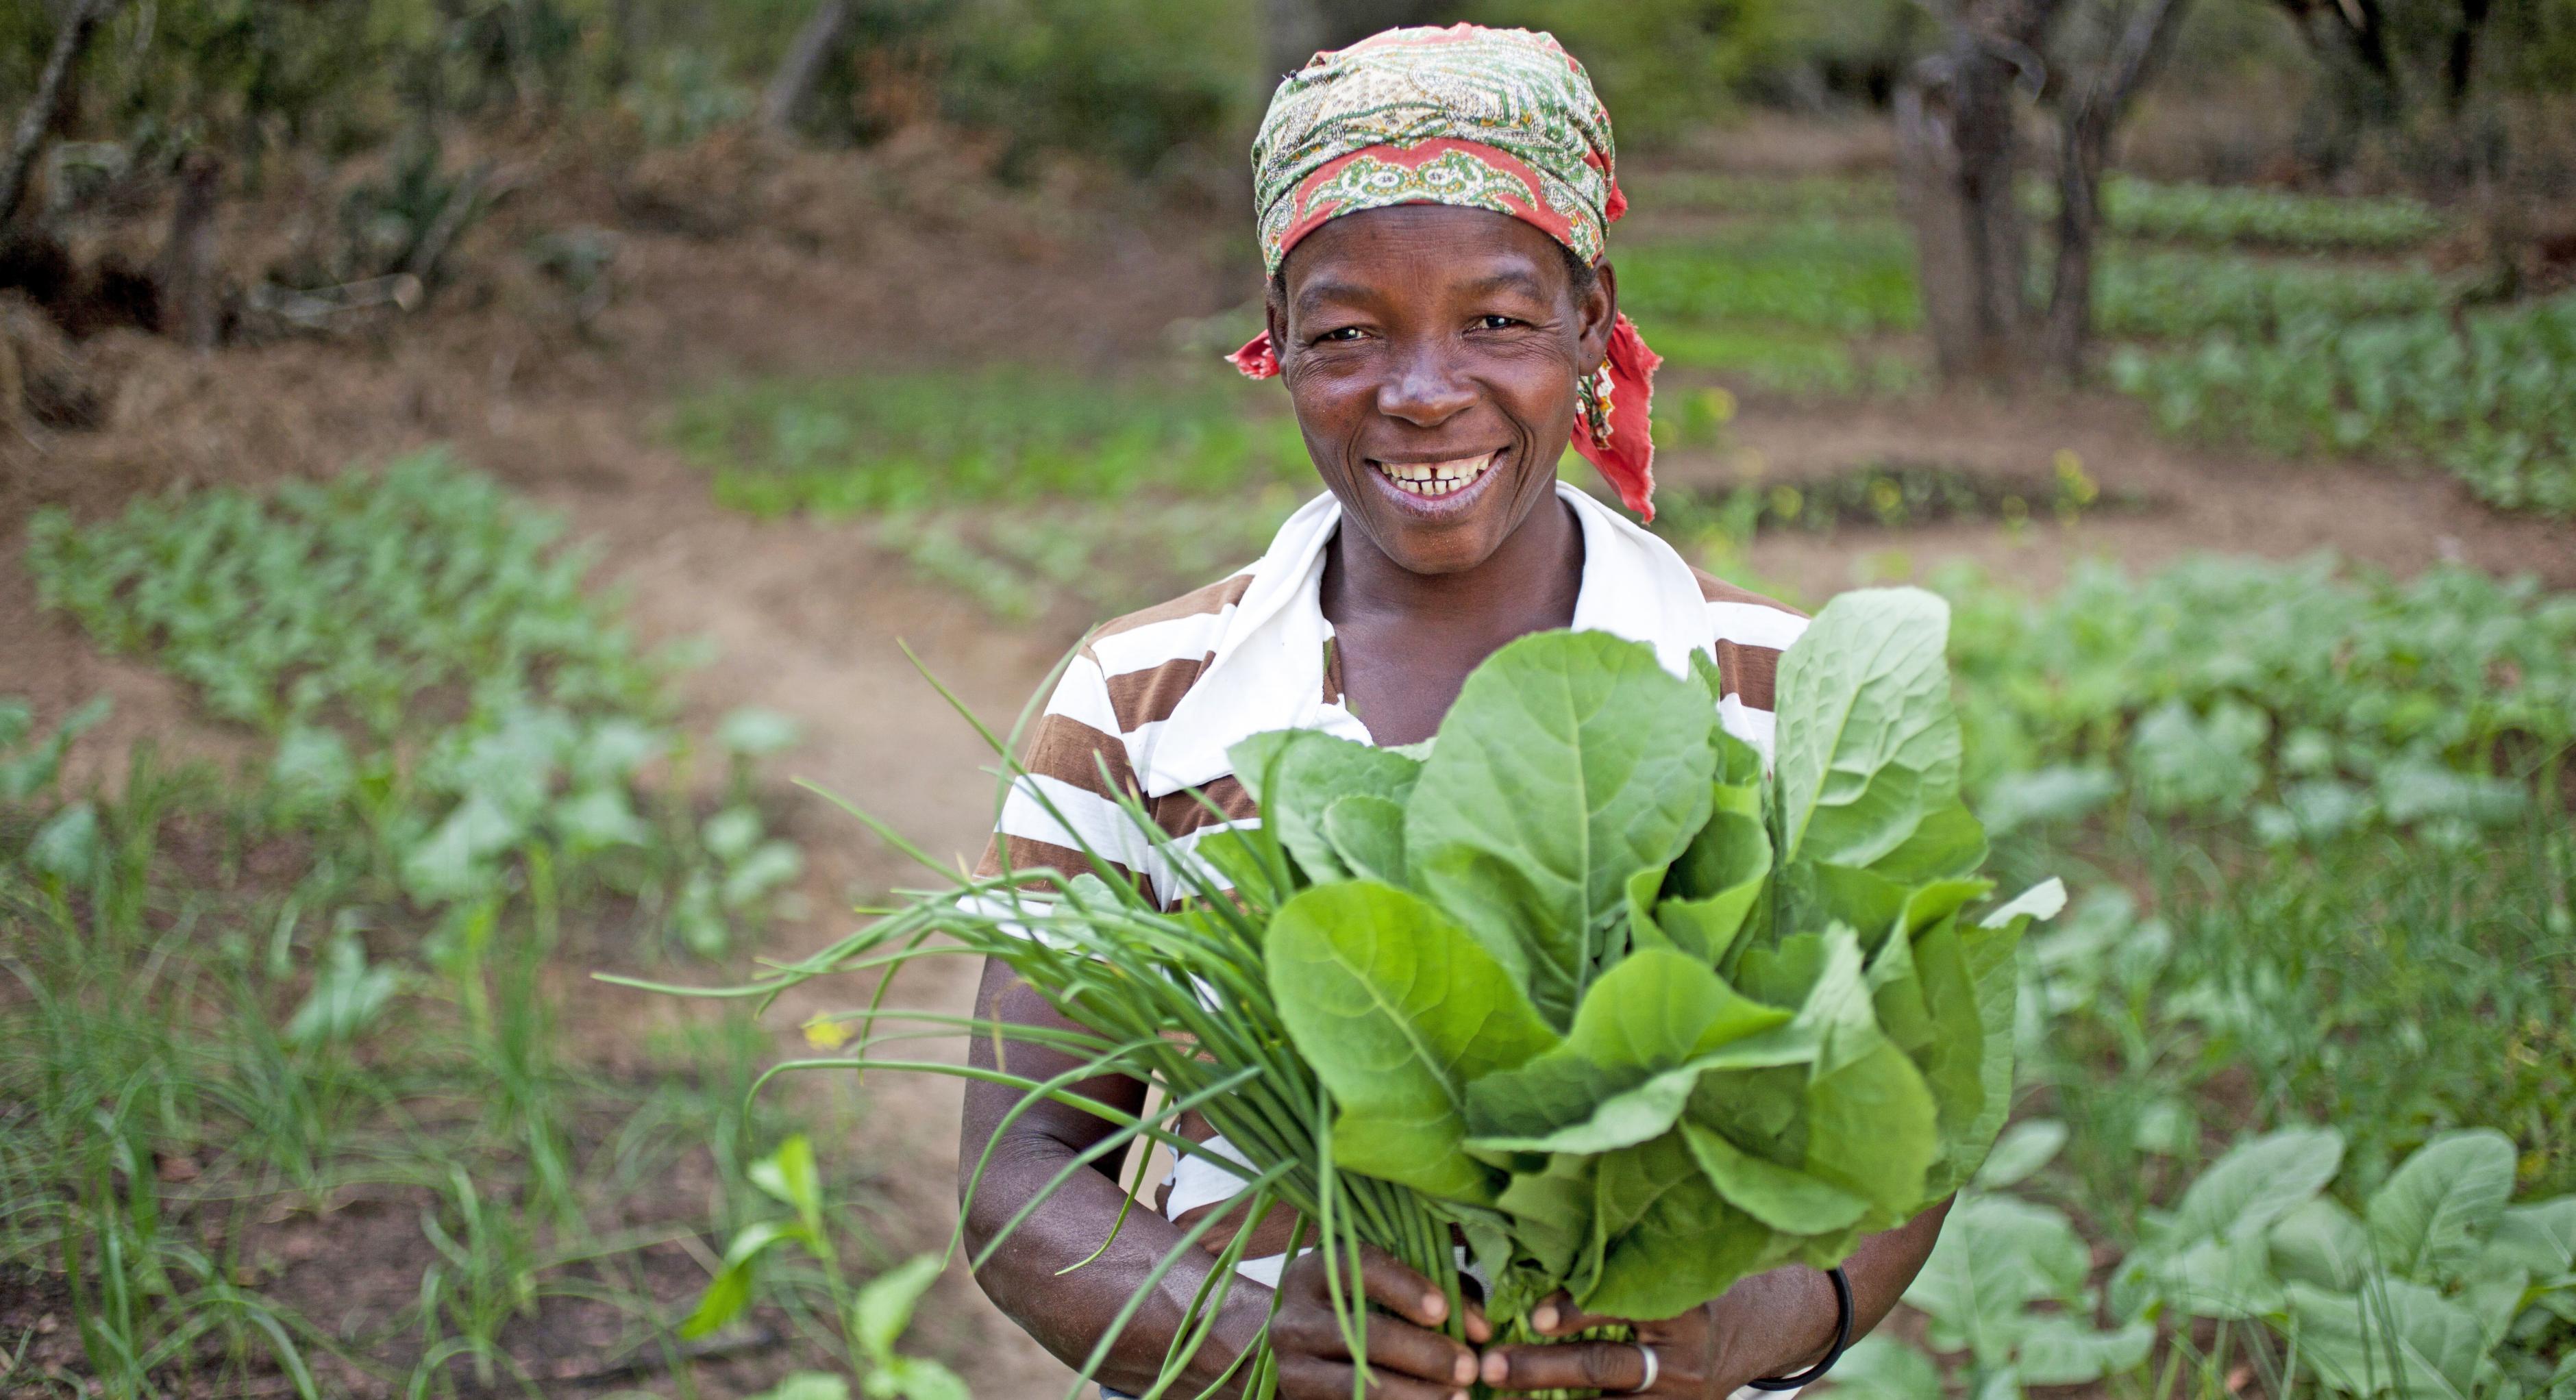 Ern hrung sichern for Oxfam spenden